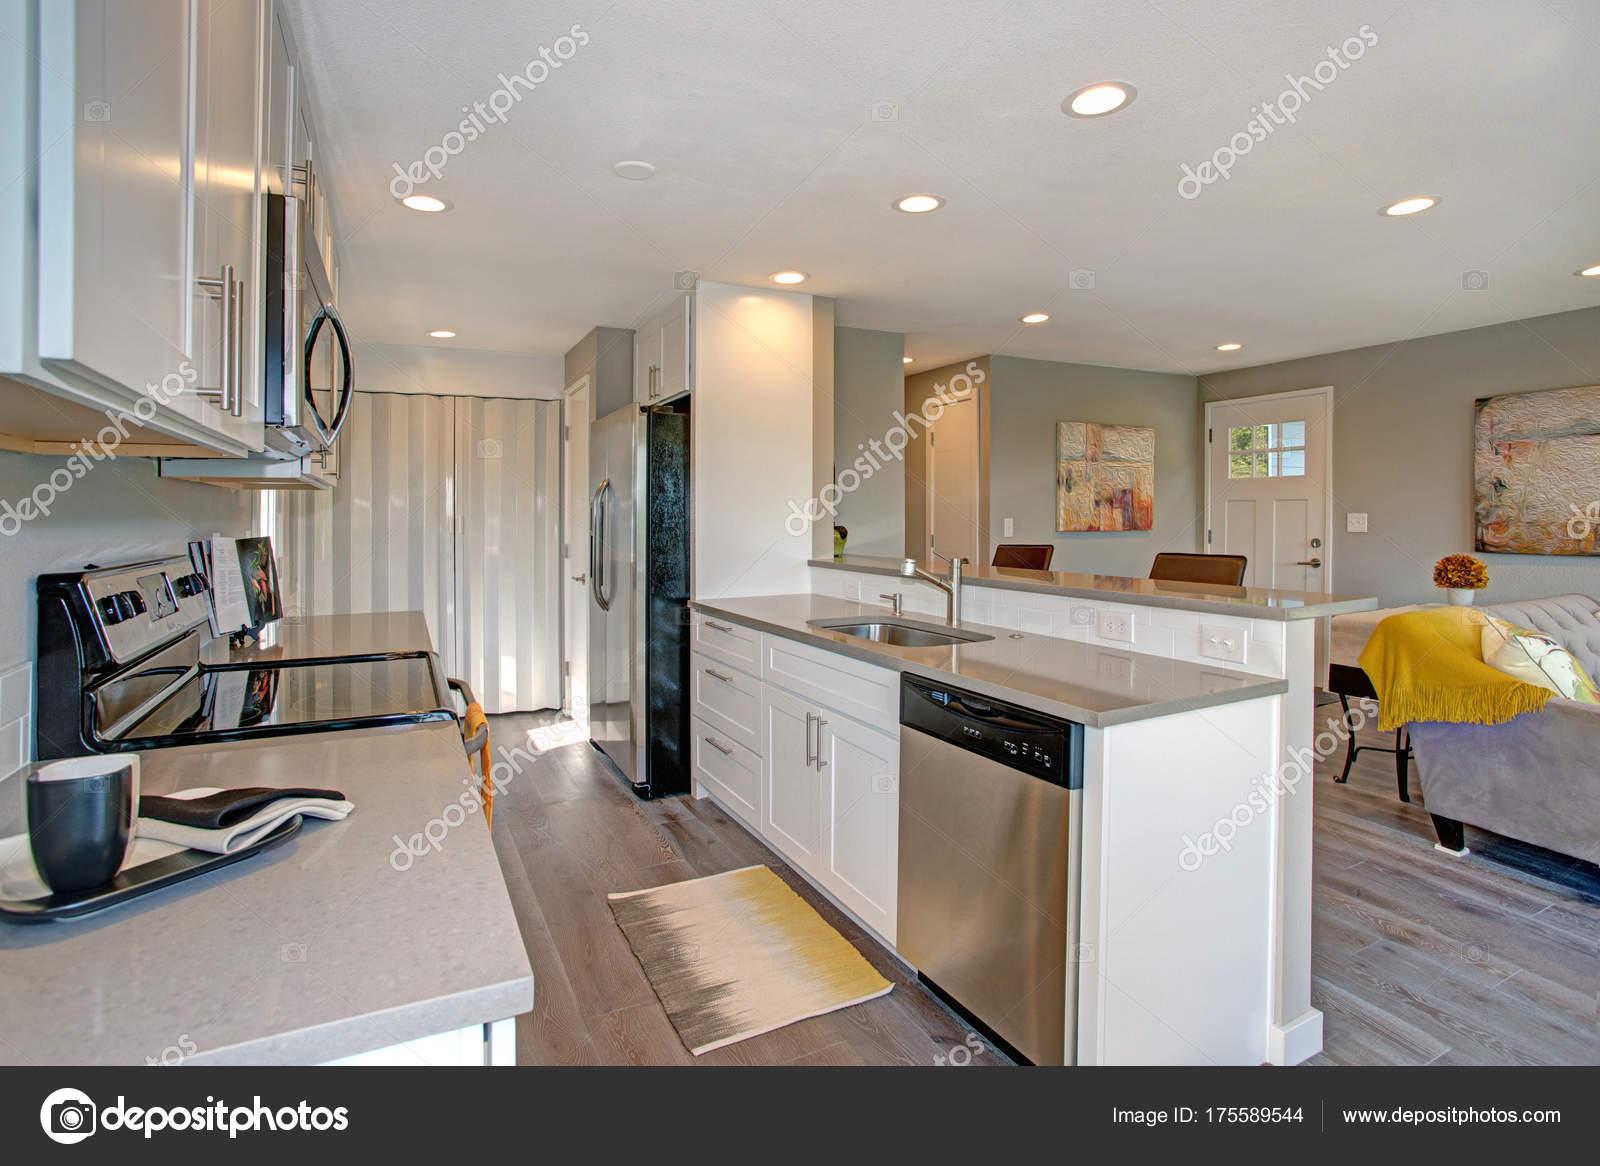 Leicht gefüllte Küche mit Edelstahl Geräte — Stockfoto © alabn ...